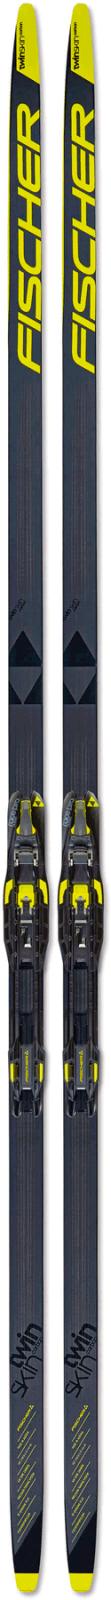 Fischer Twin Skin Carbon Medium IFP